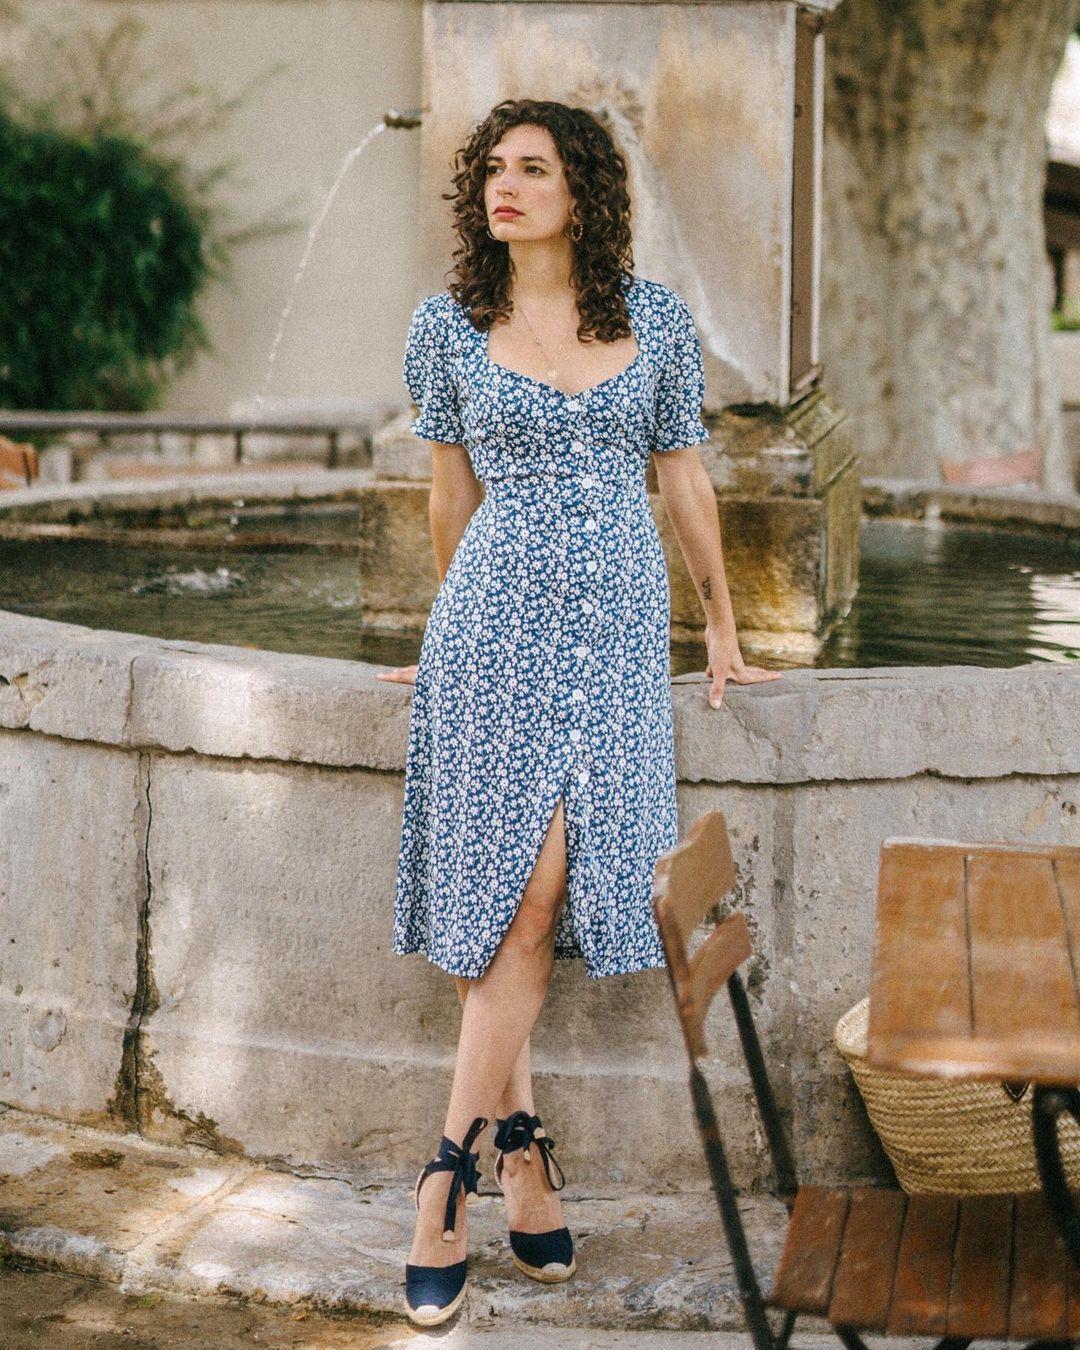 Quý cô người Pháp có style chuẩn nàng thơ: Không thể sống thiếu váy quấn, diện đồ 'hoa lá hẹ' mà vẫn rất mực tinh tế - Ảnh 15